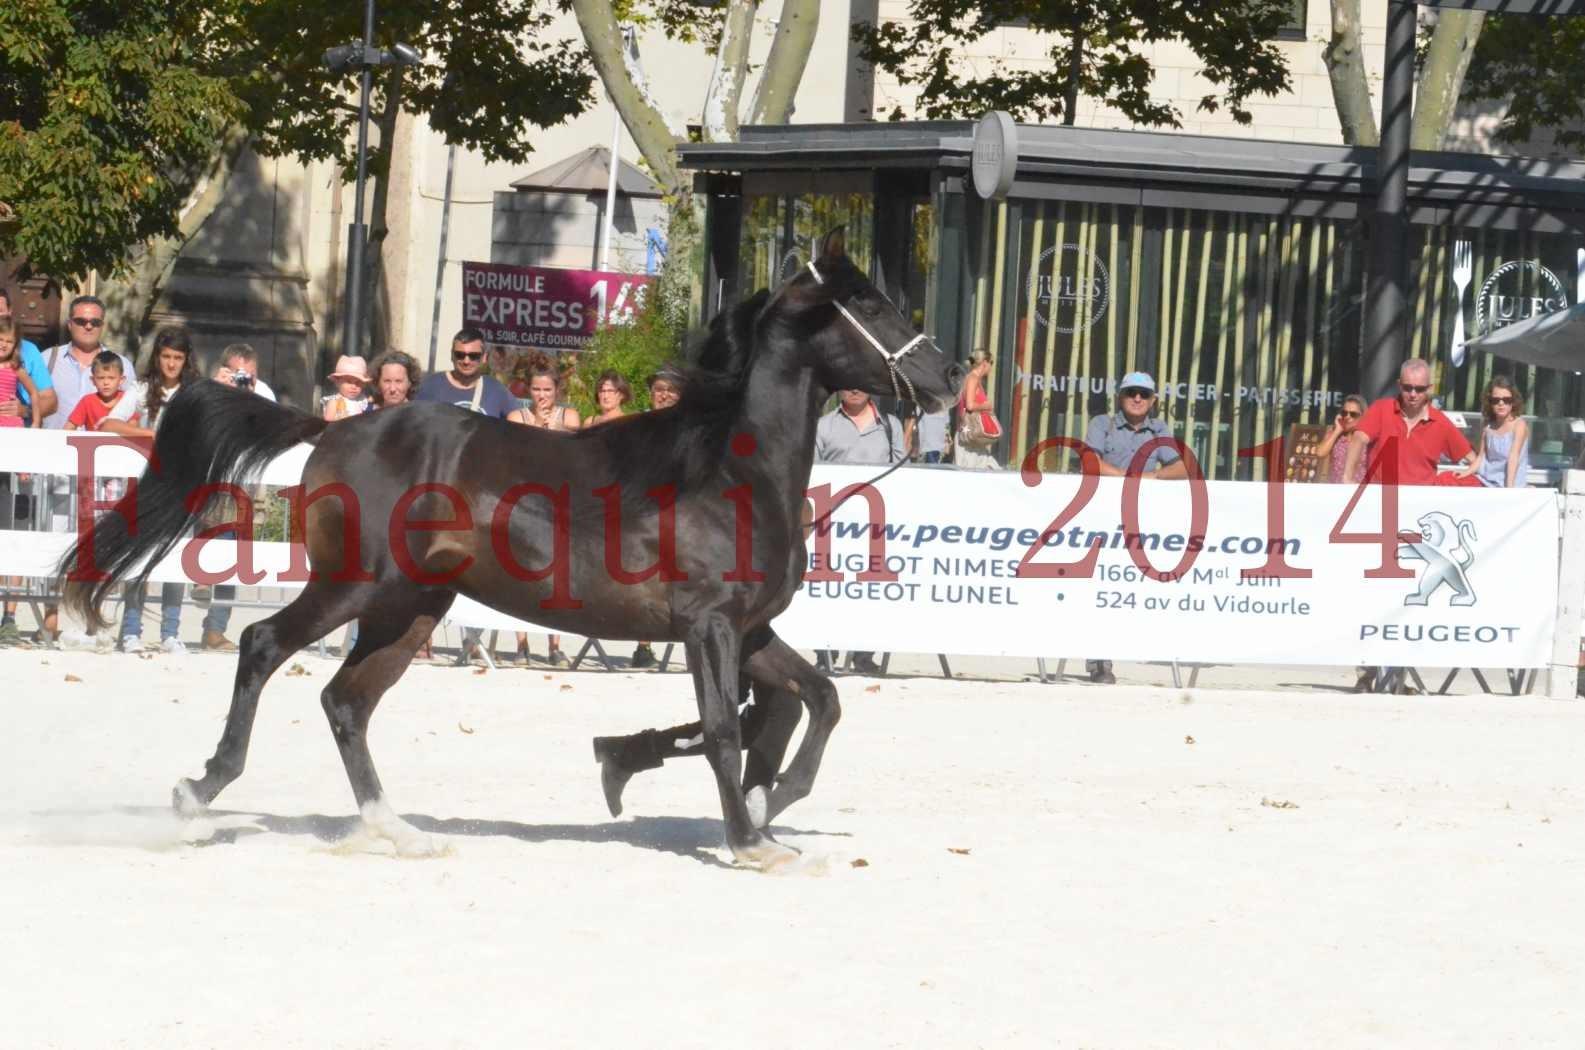 Concours National de Nîmes de chevaux ARABES 2014 - Sélection - Portraits - BALTYK DE CHAUMONT - 04